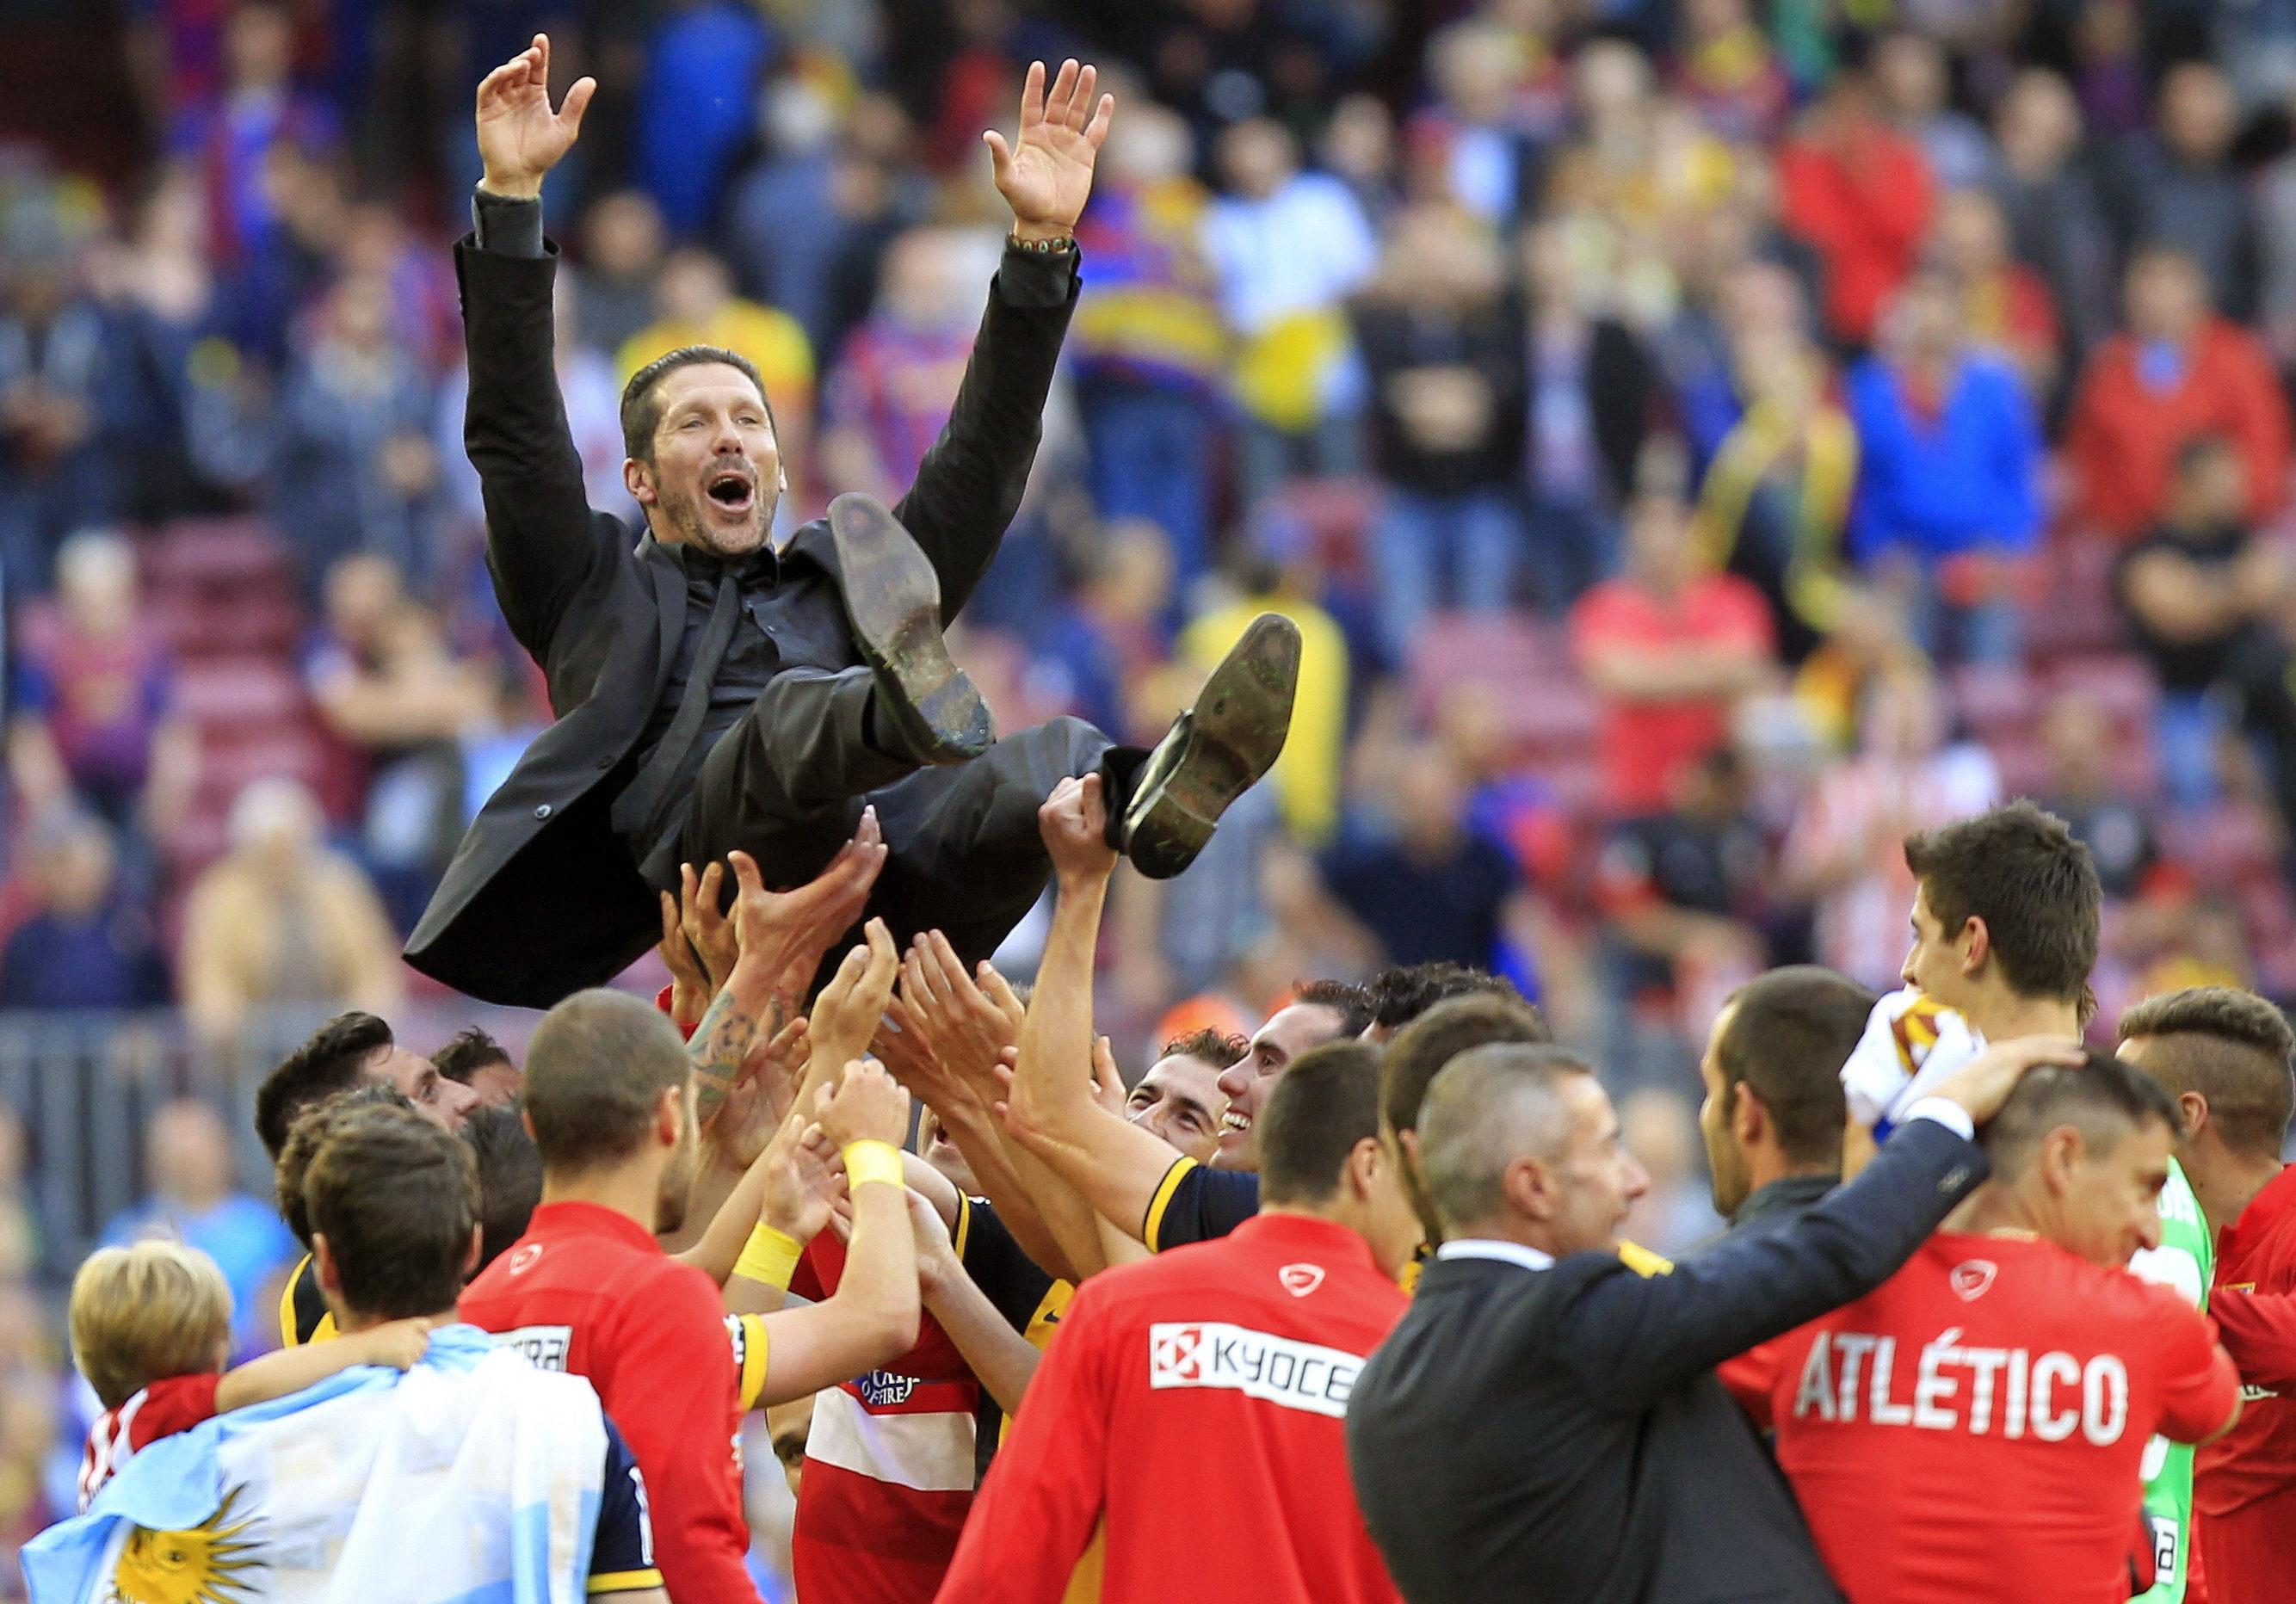 El Atlético campeón lleva 6 titulos en cuatro años